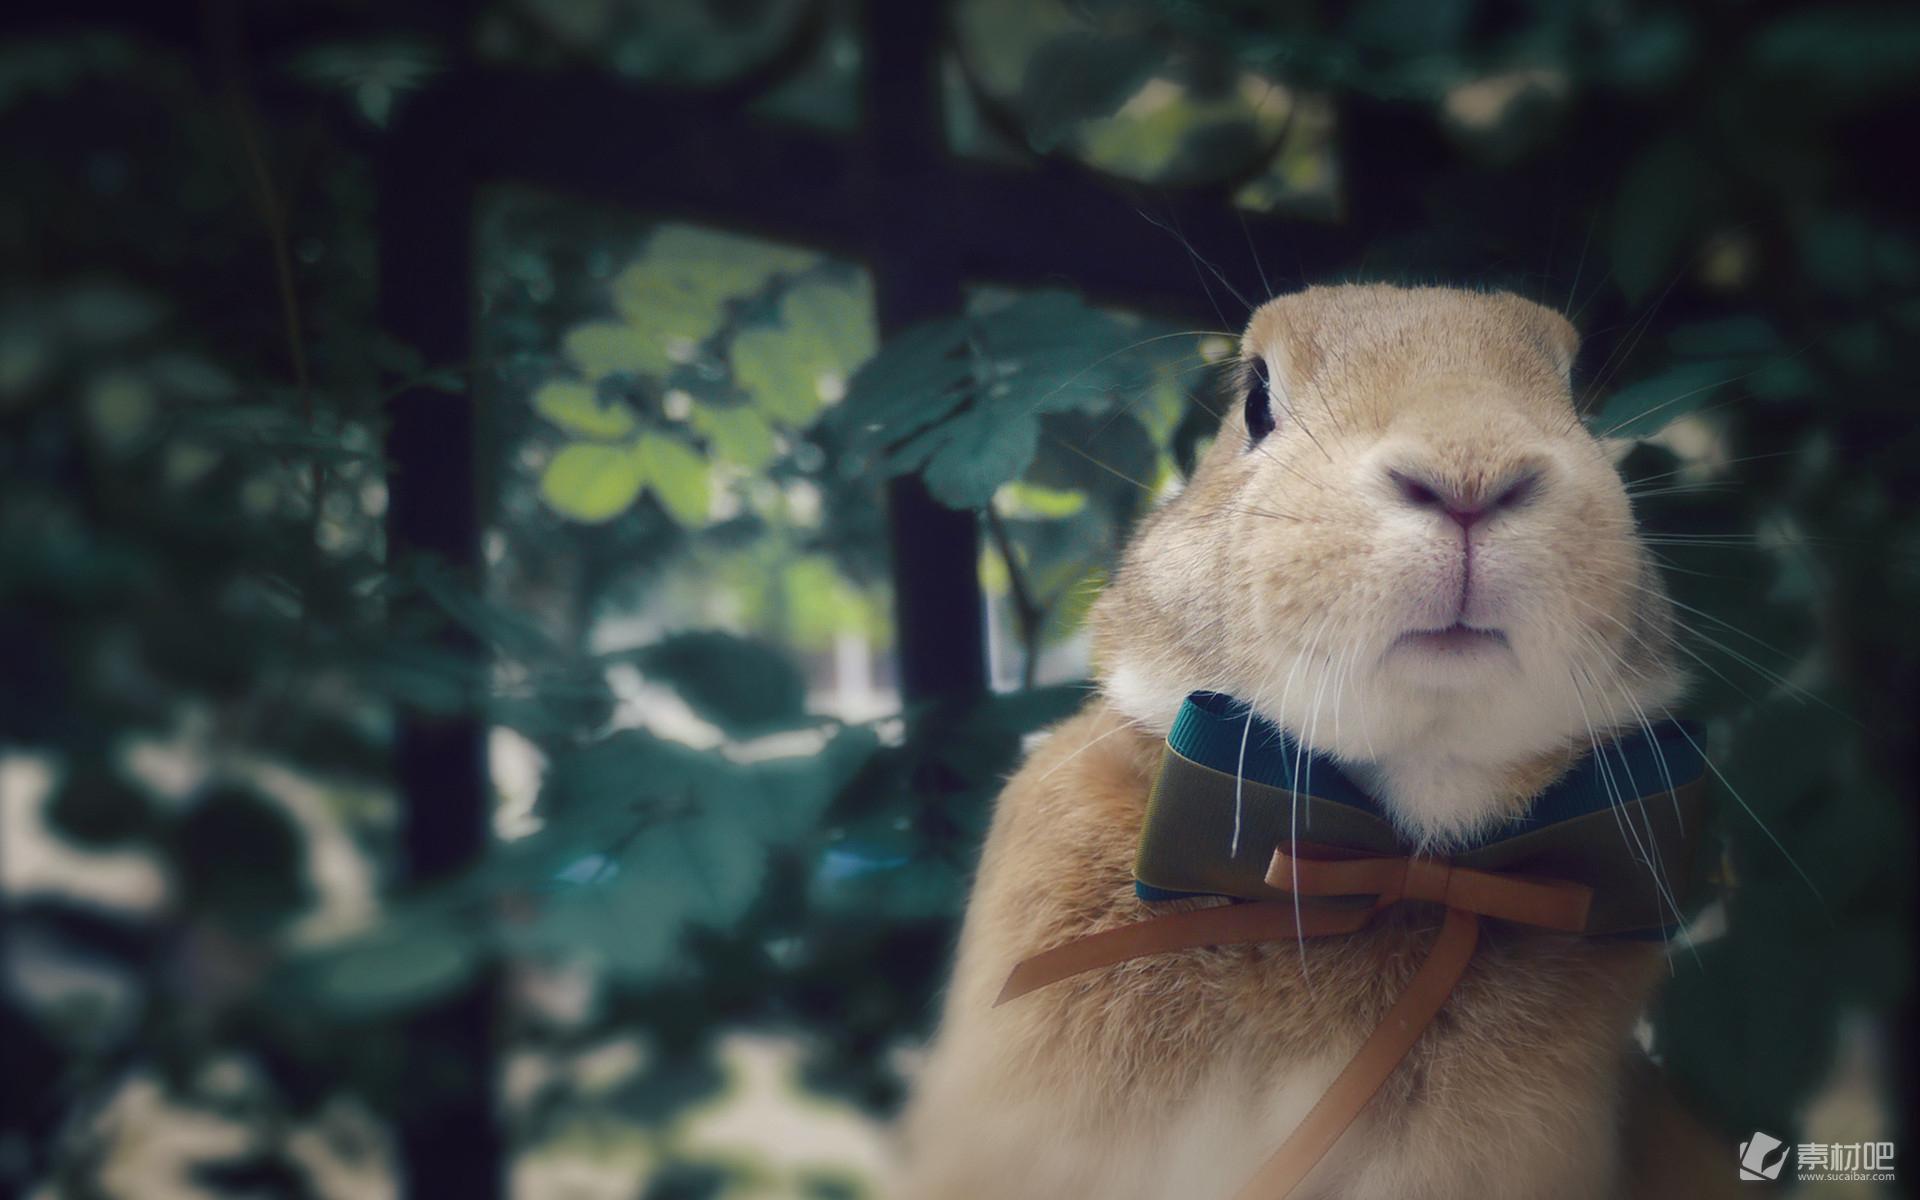 可爱动物小兔子呆萌高清电脑壁纸图片